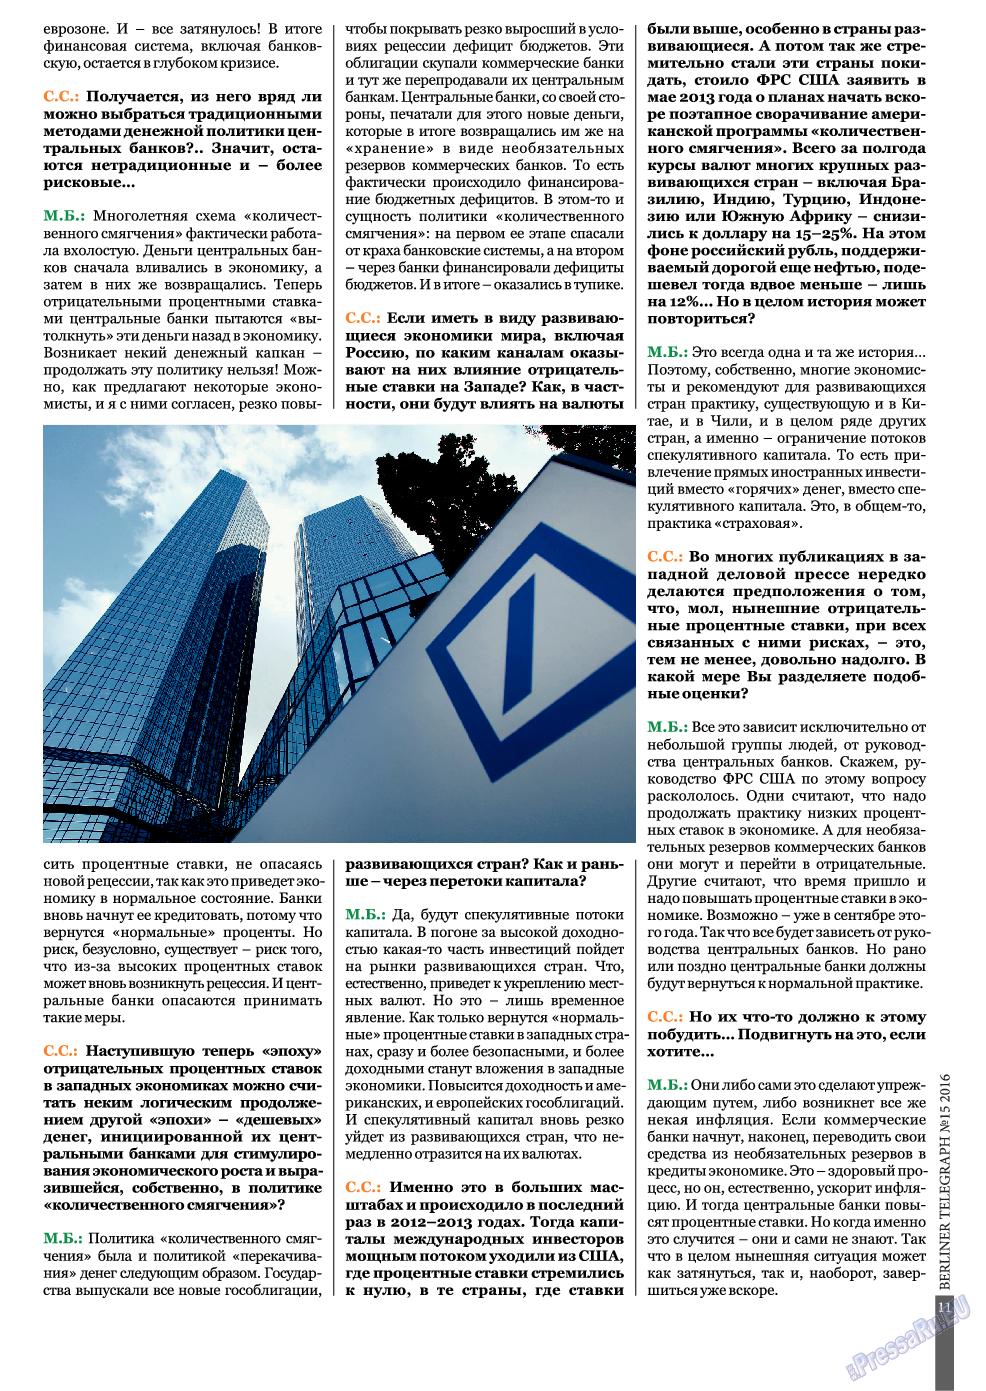 Берлинский телеграф (журнал). 2016 год, номер 15, стр. 11